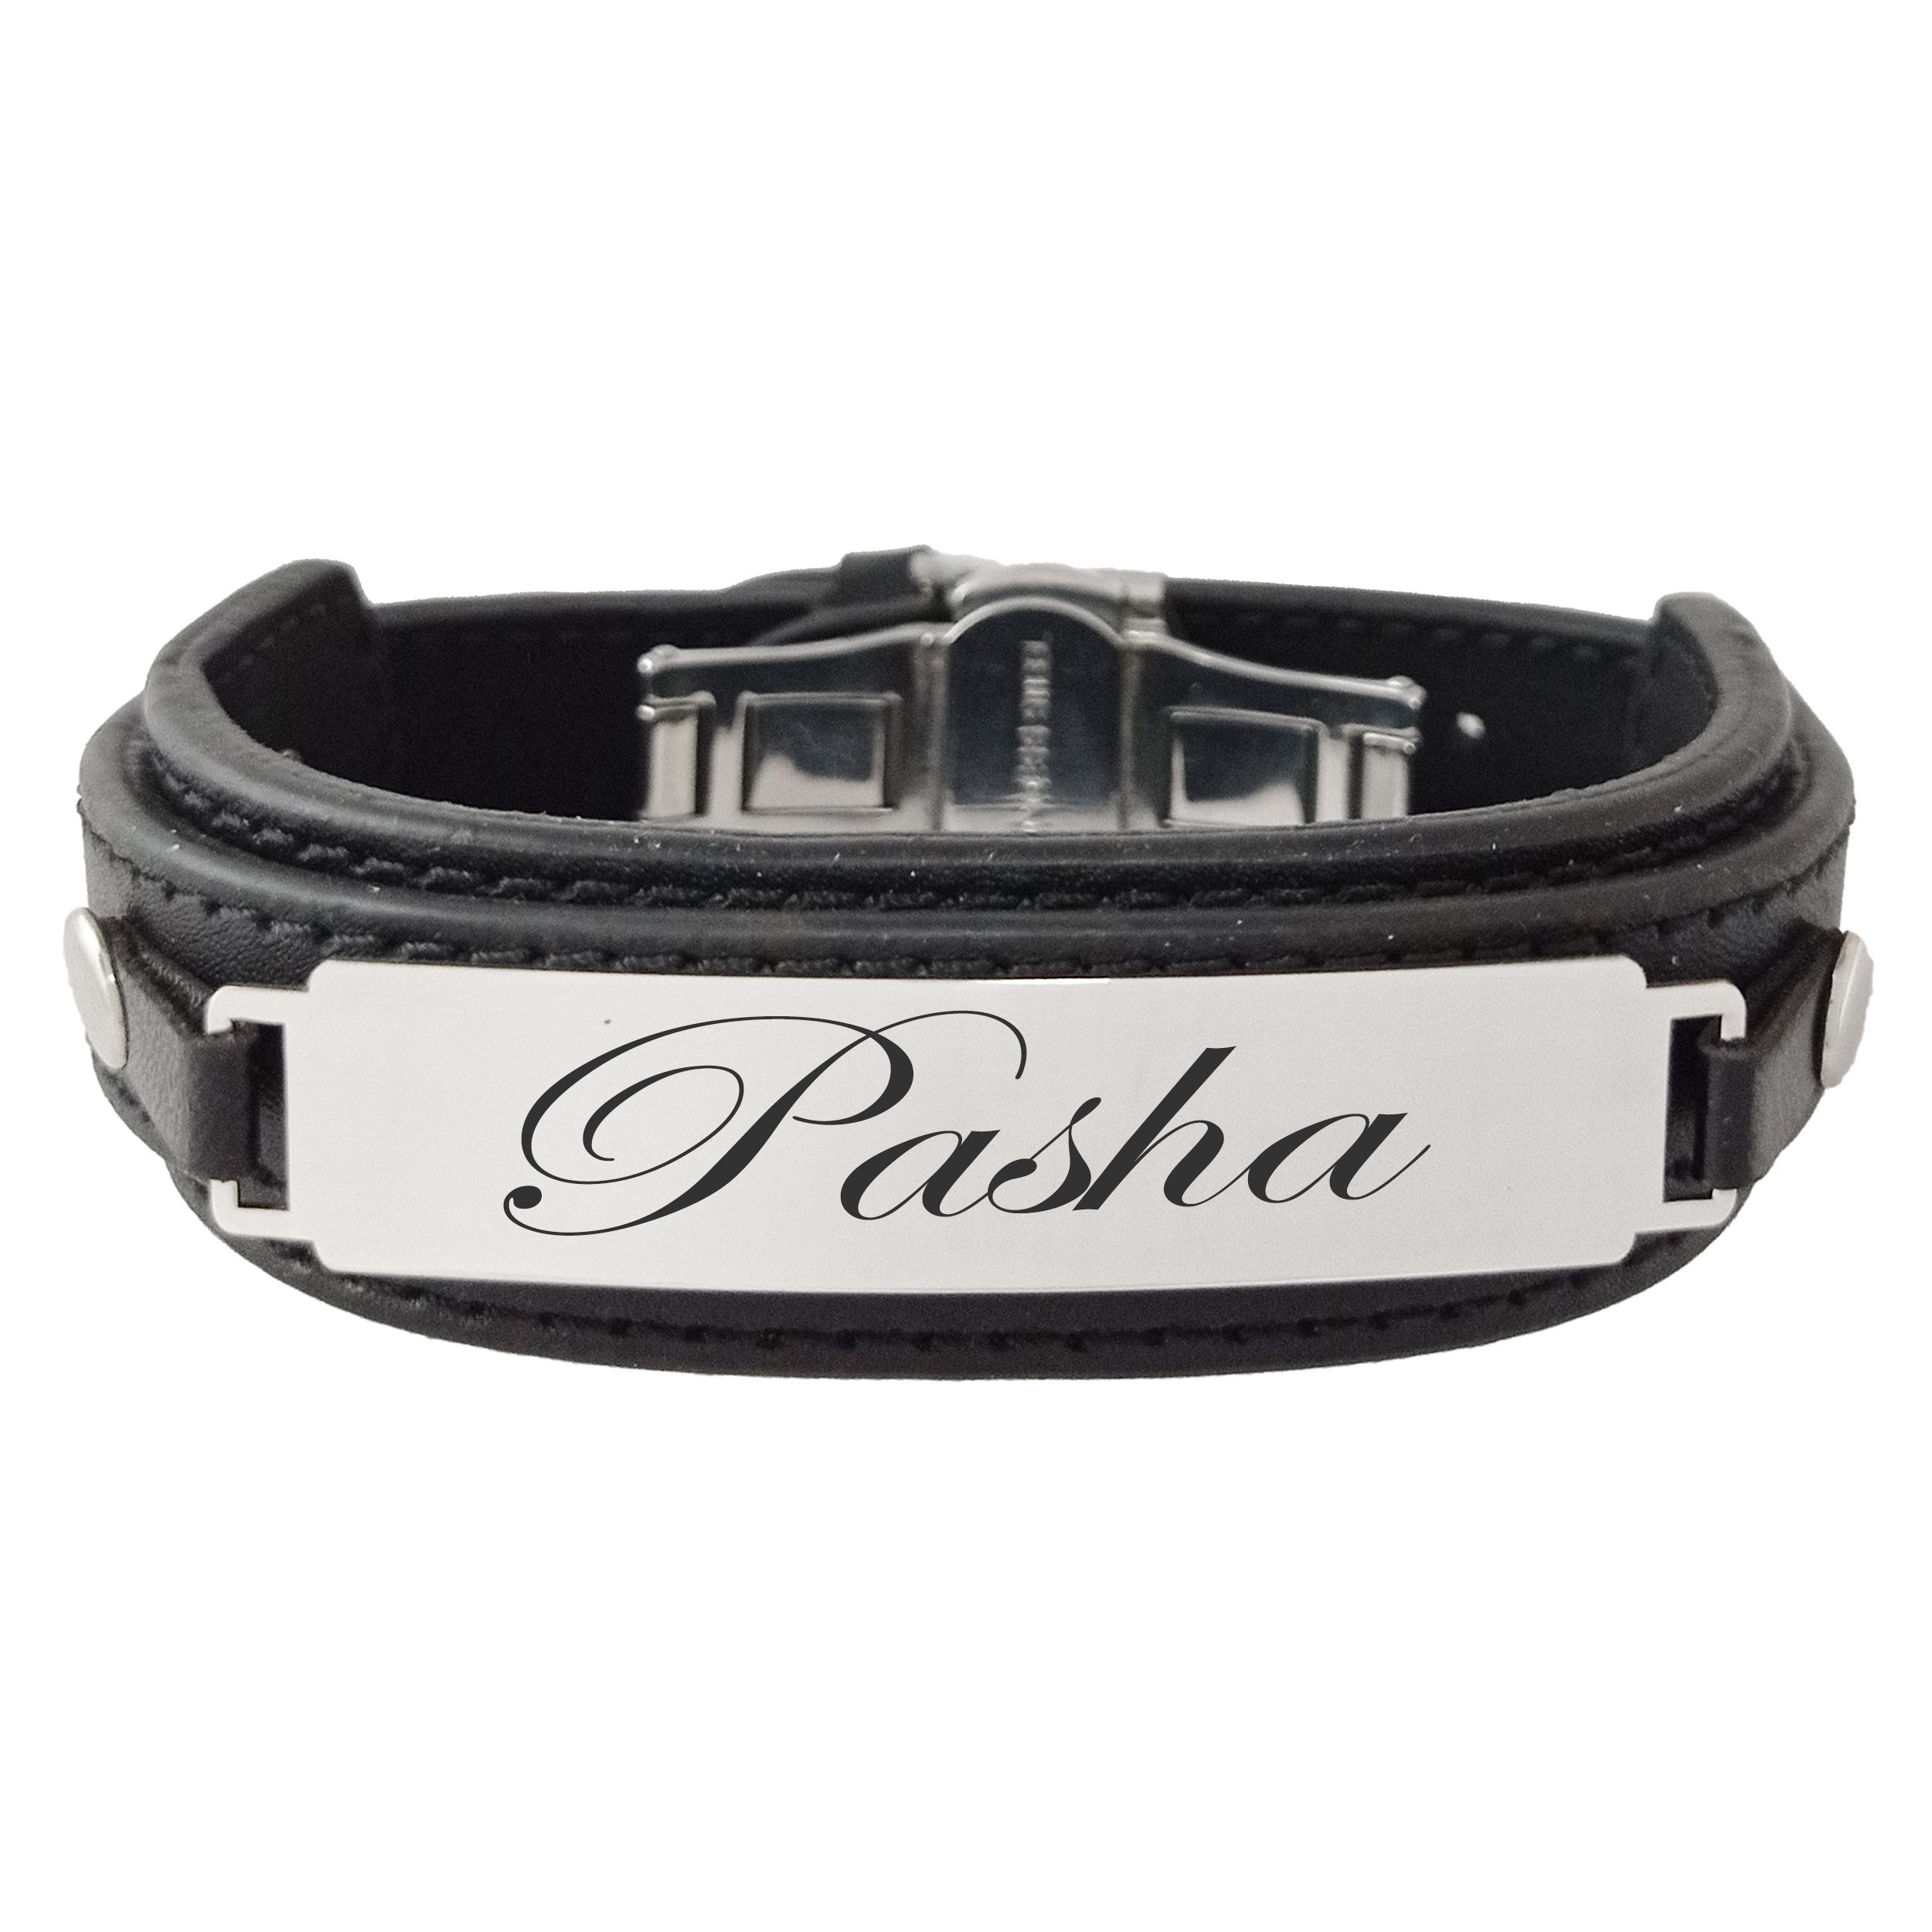 دستبند مردانه ترمه ۱ مدل پاشا کد Sam 893